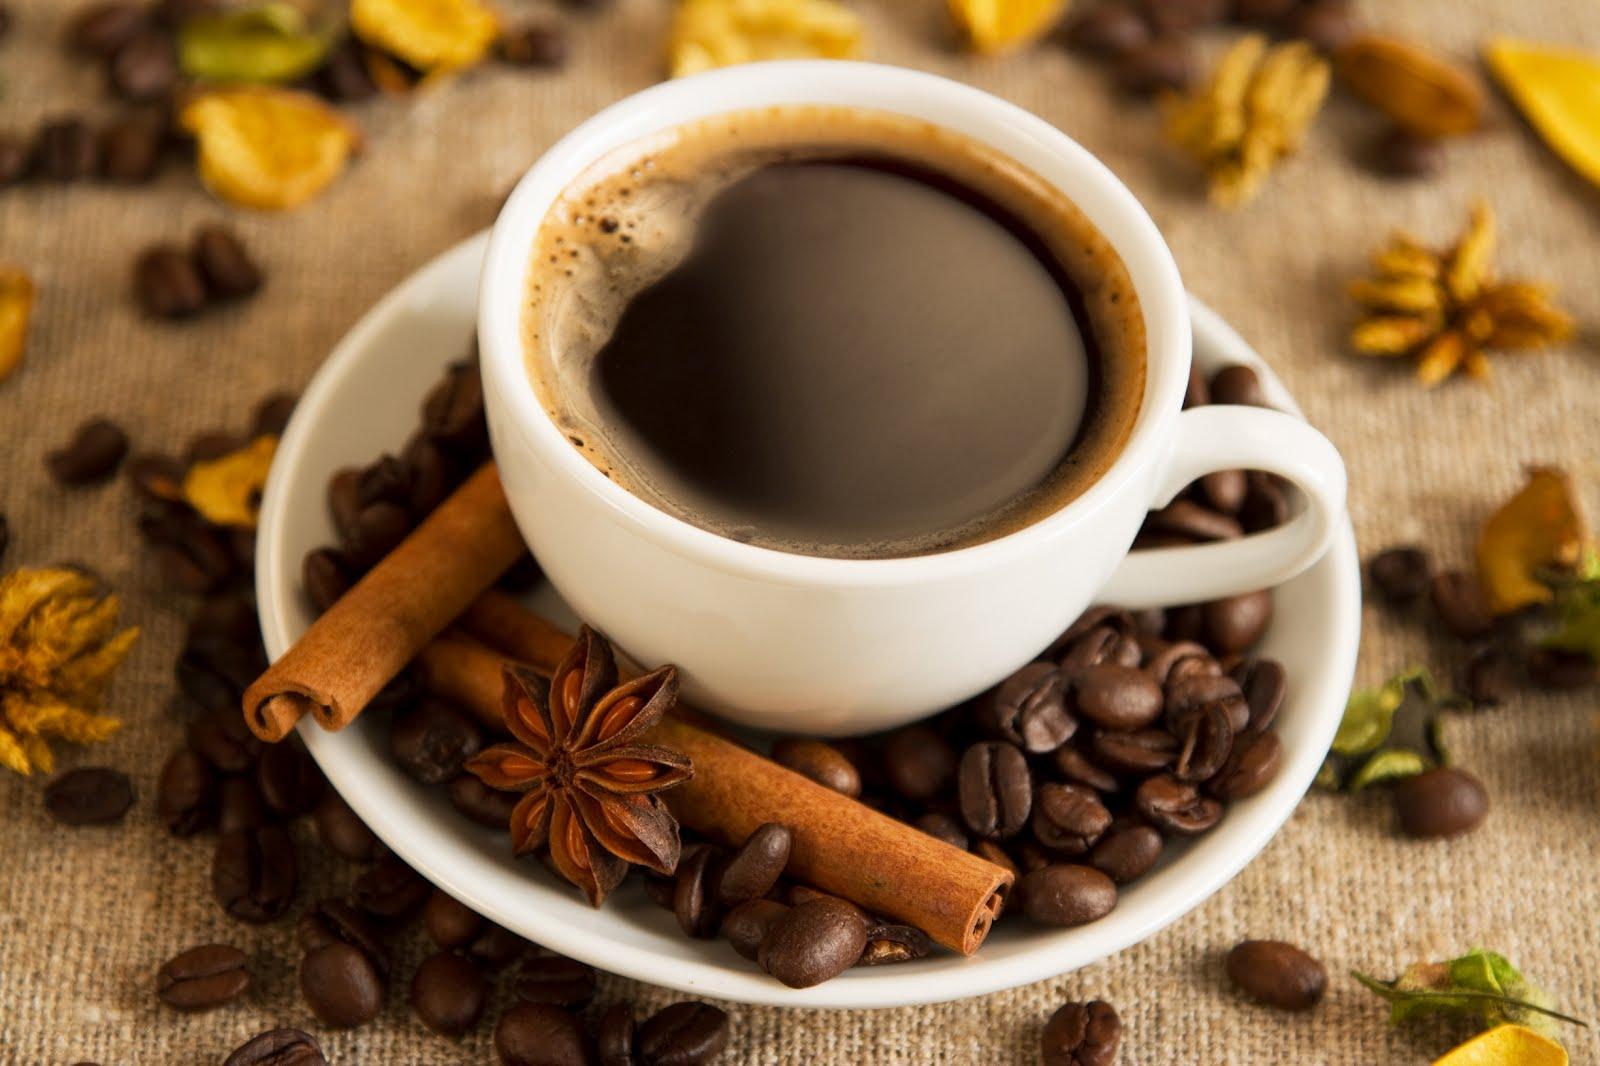 Banco de im genes una deliciosa taza de caf con canela for Tazas para cafe espresso